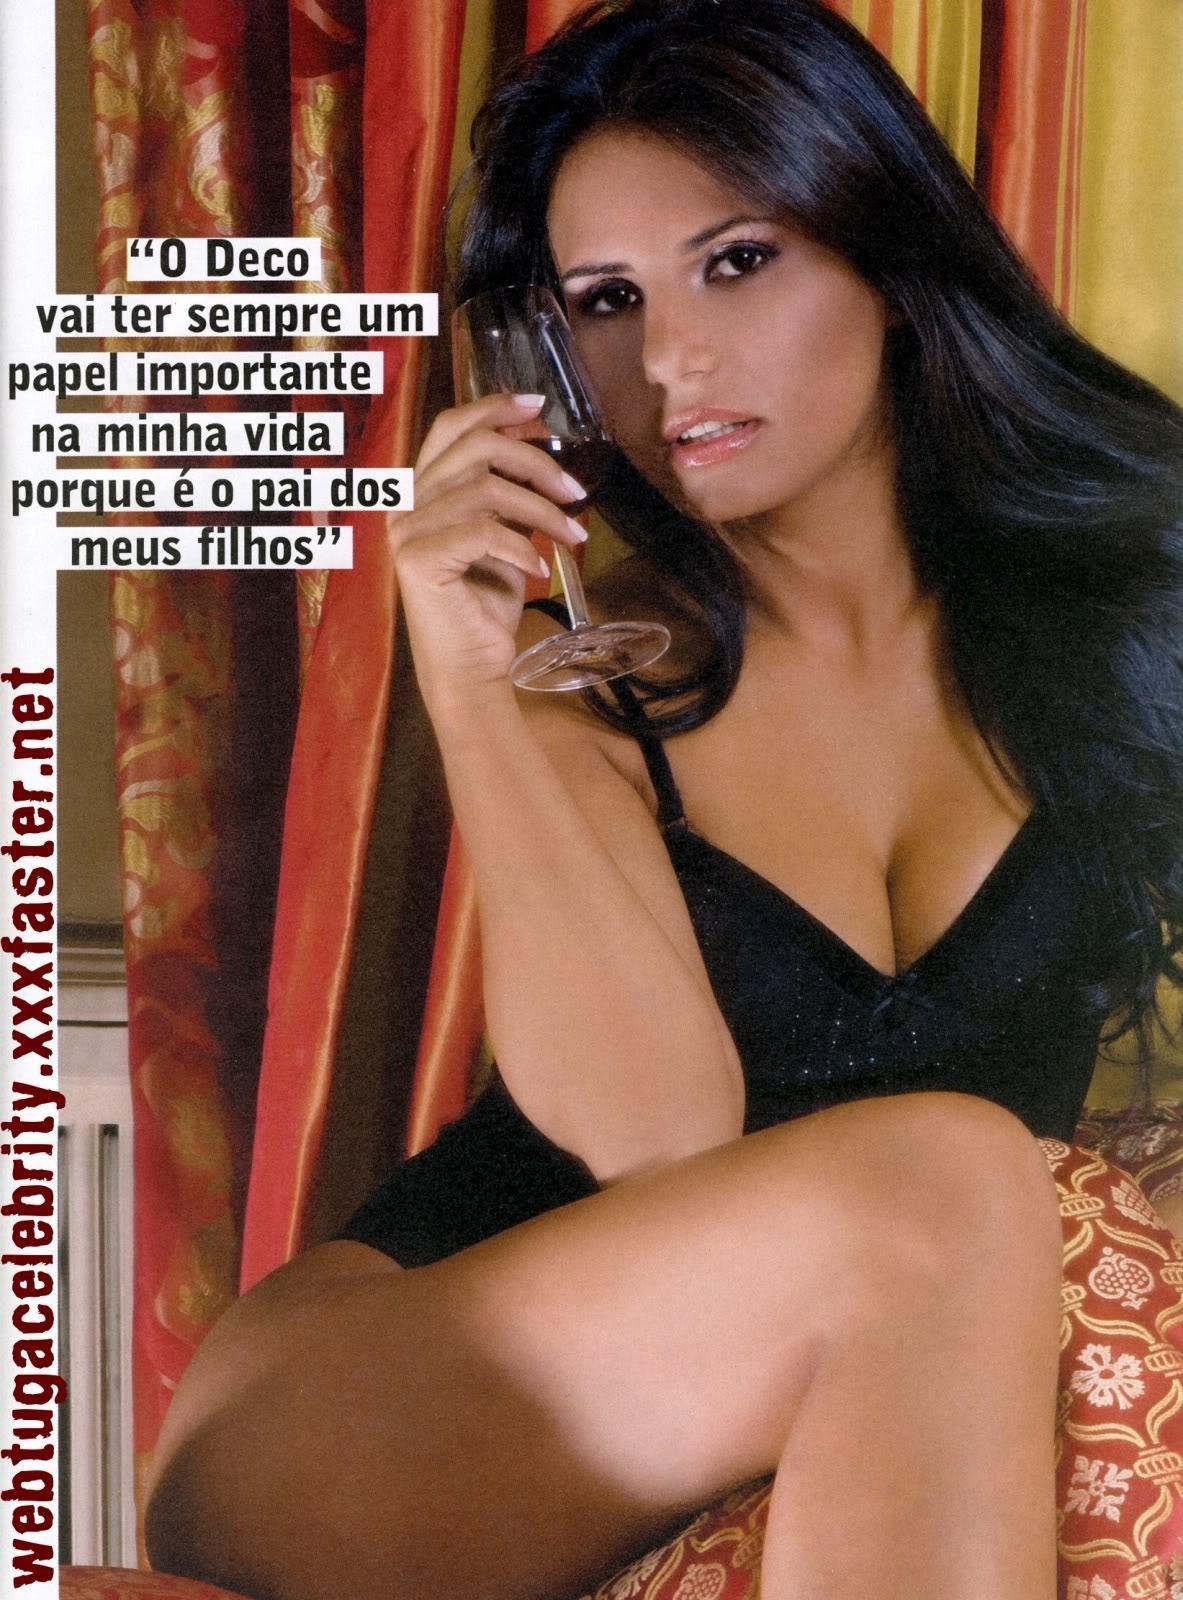 Jaciara - Hot Babe from Portugal - Sexy Actress Pictures   Hot Actress Pictures - ActressSnaps.com